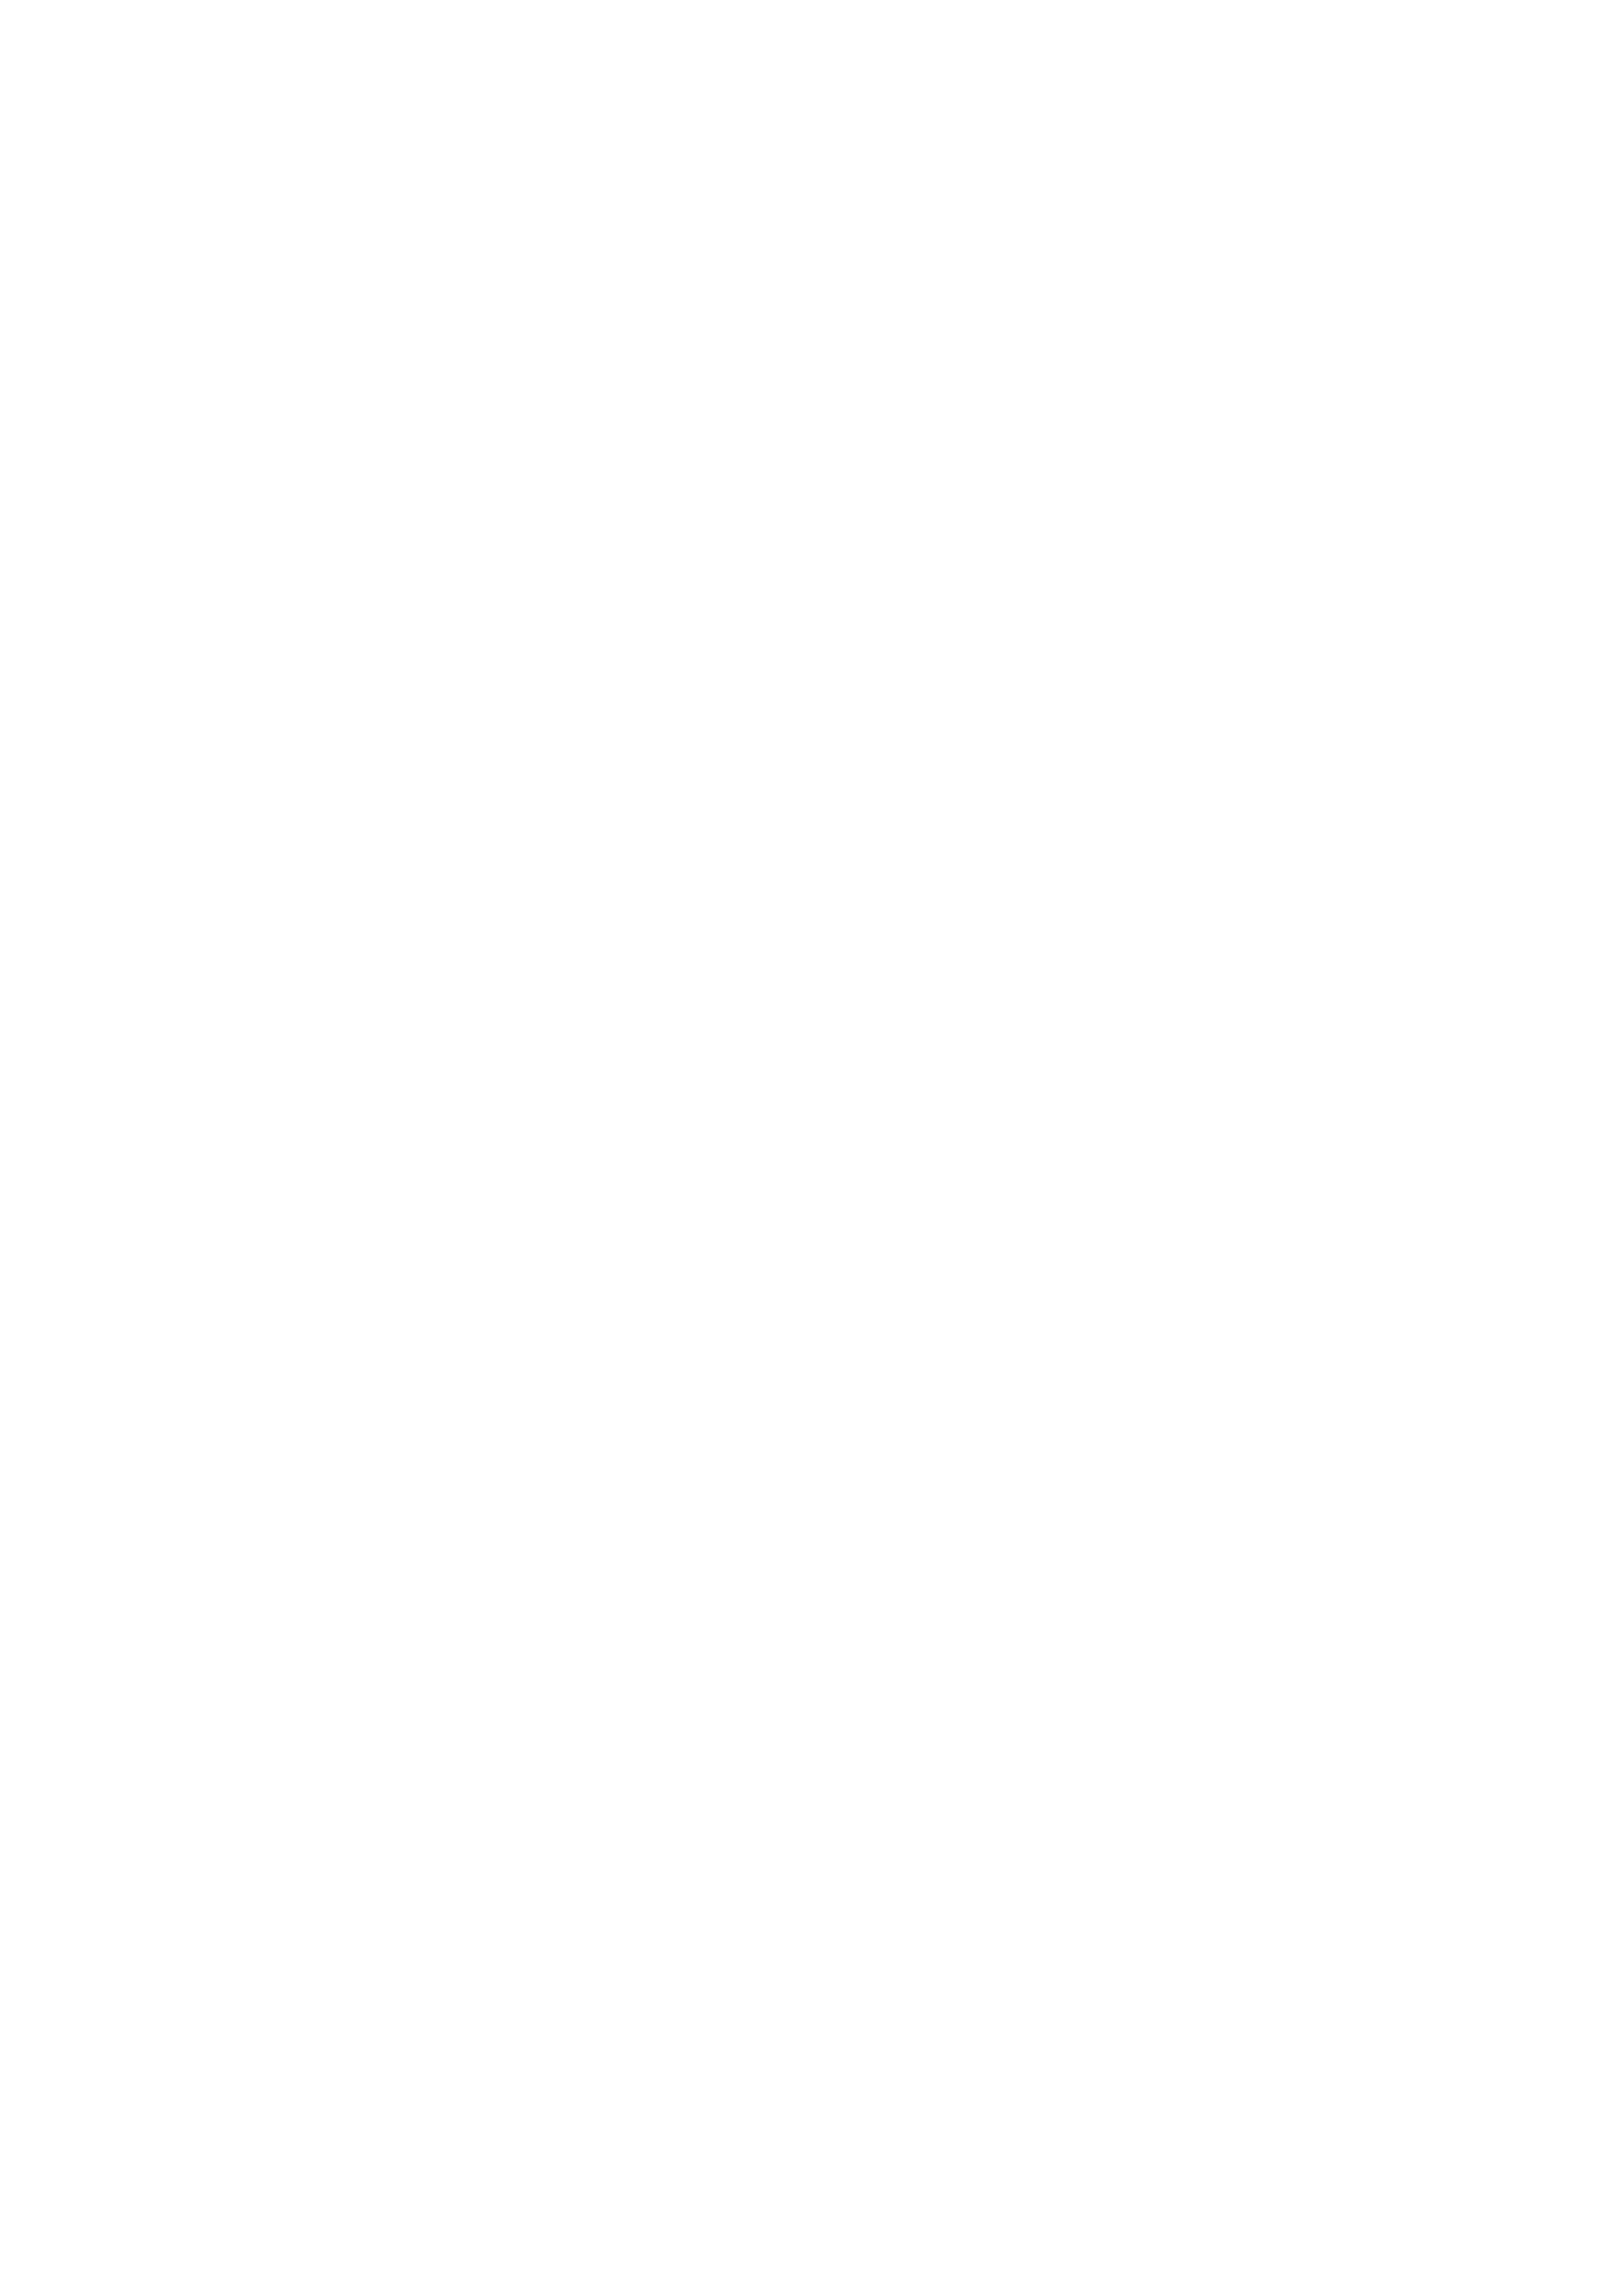 SuS Gohr